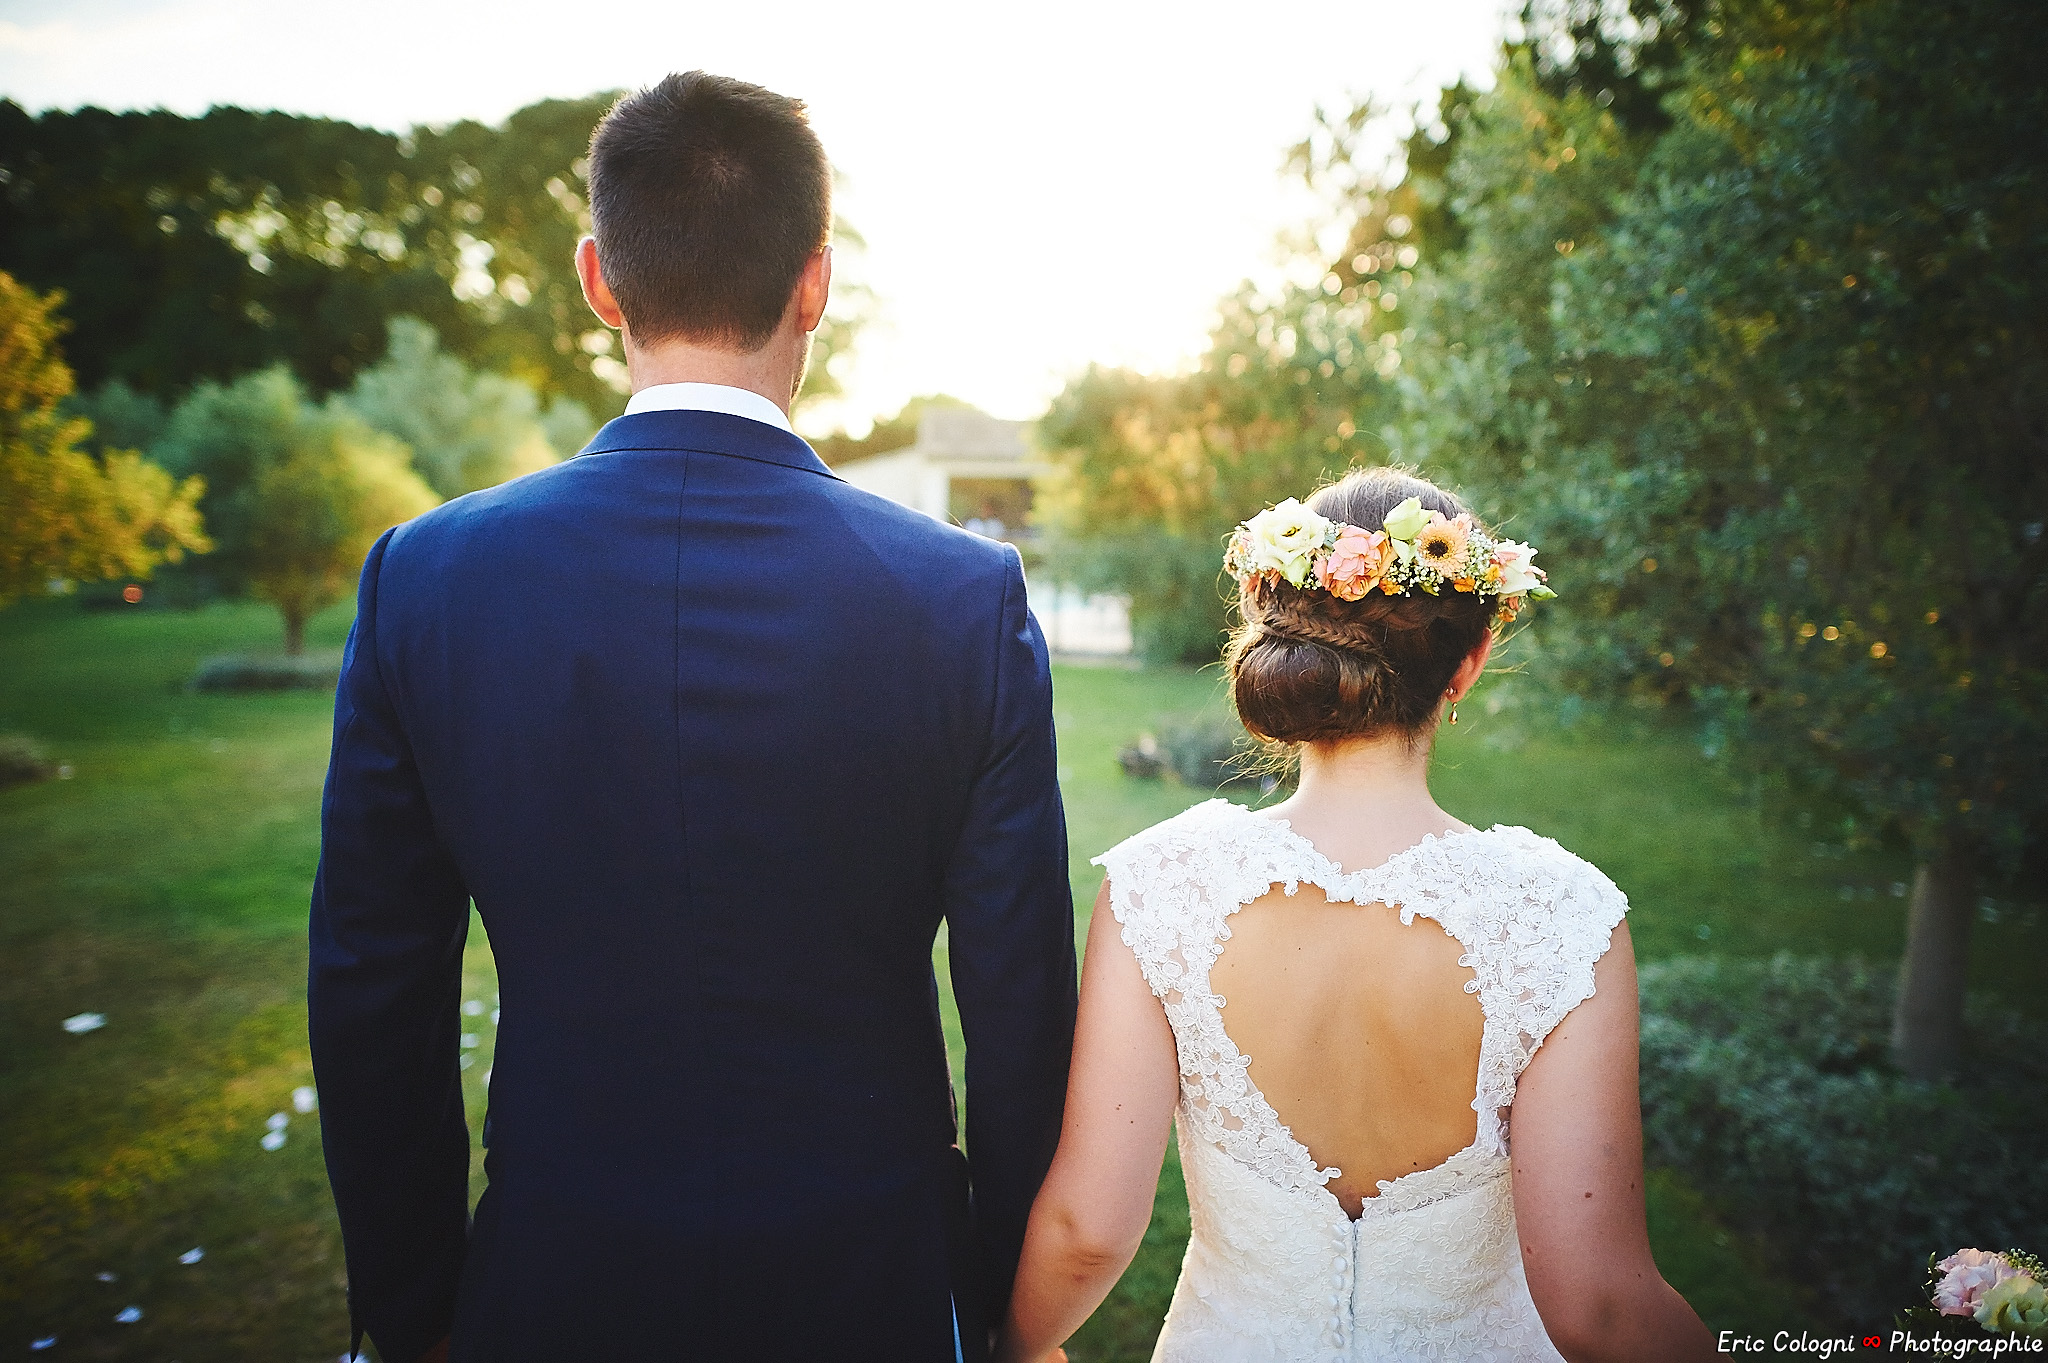 liste de mariage printemps zankyou la marie sous les etoiles - Liste Mariage Zankyou